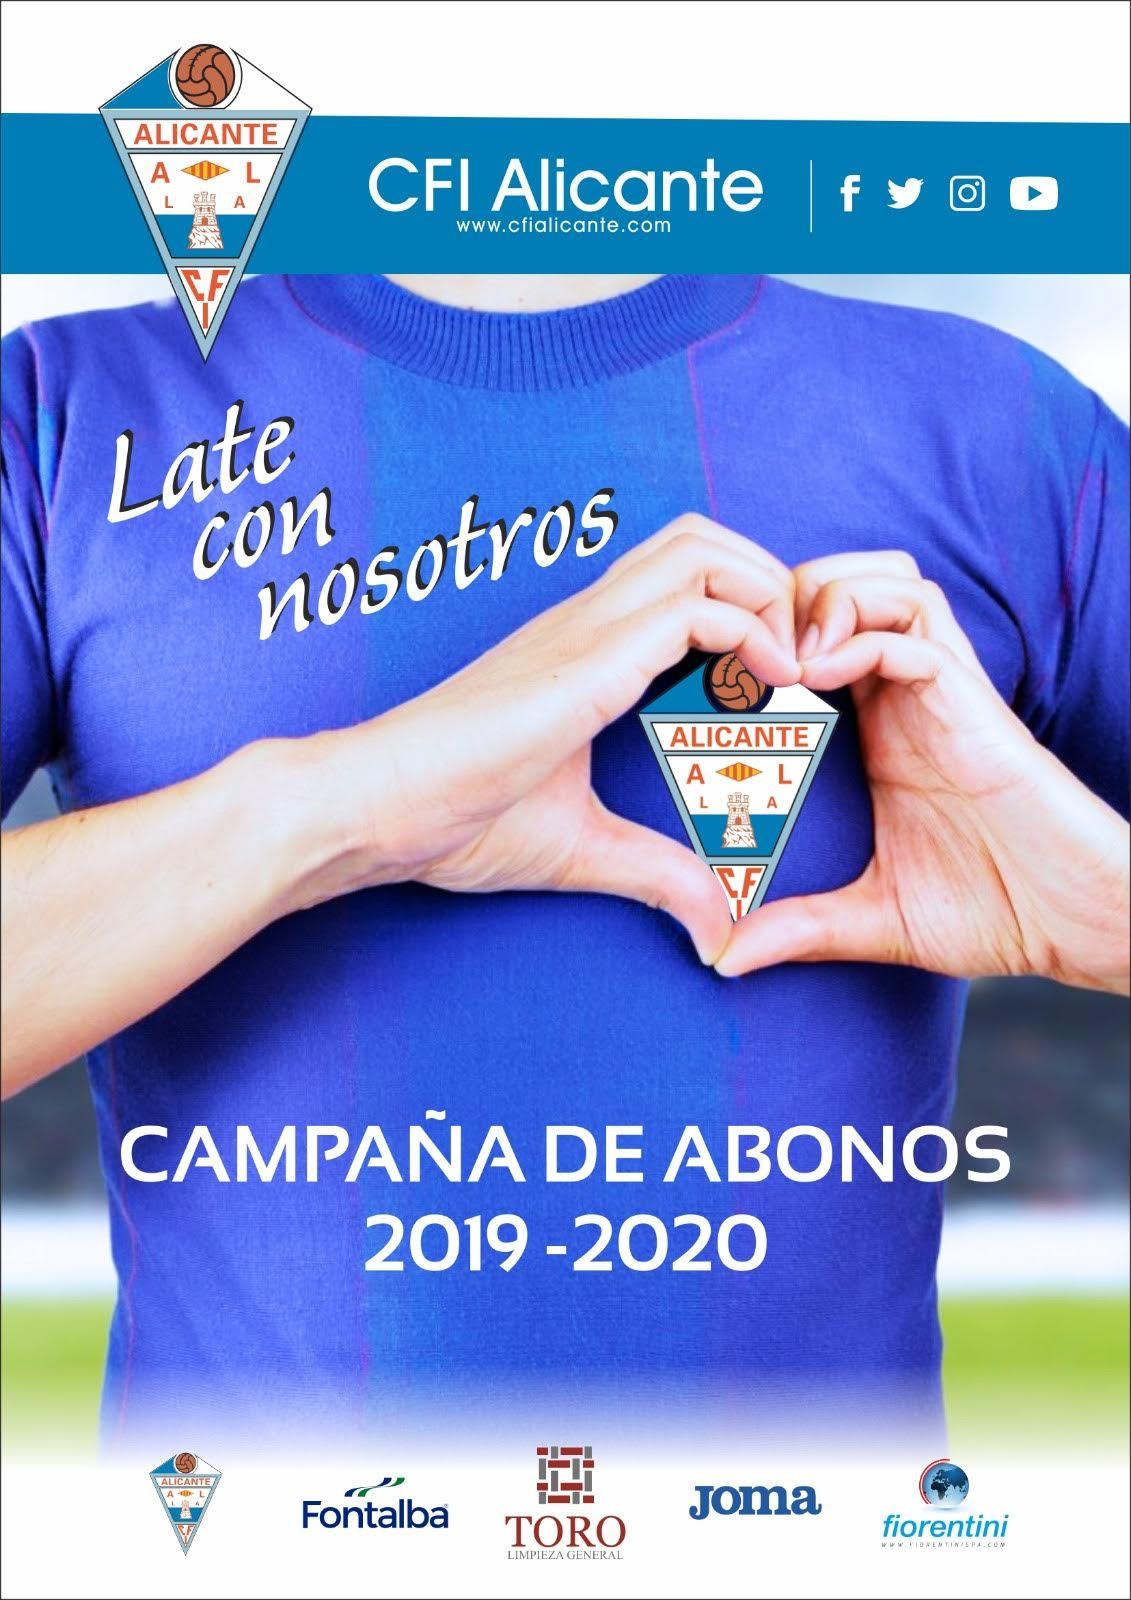 """""""Late con nosotros"""", es el lema de la campaña de abonos del CFI Alicante para la temporada 19/20"""